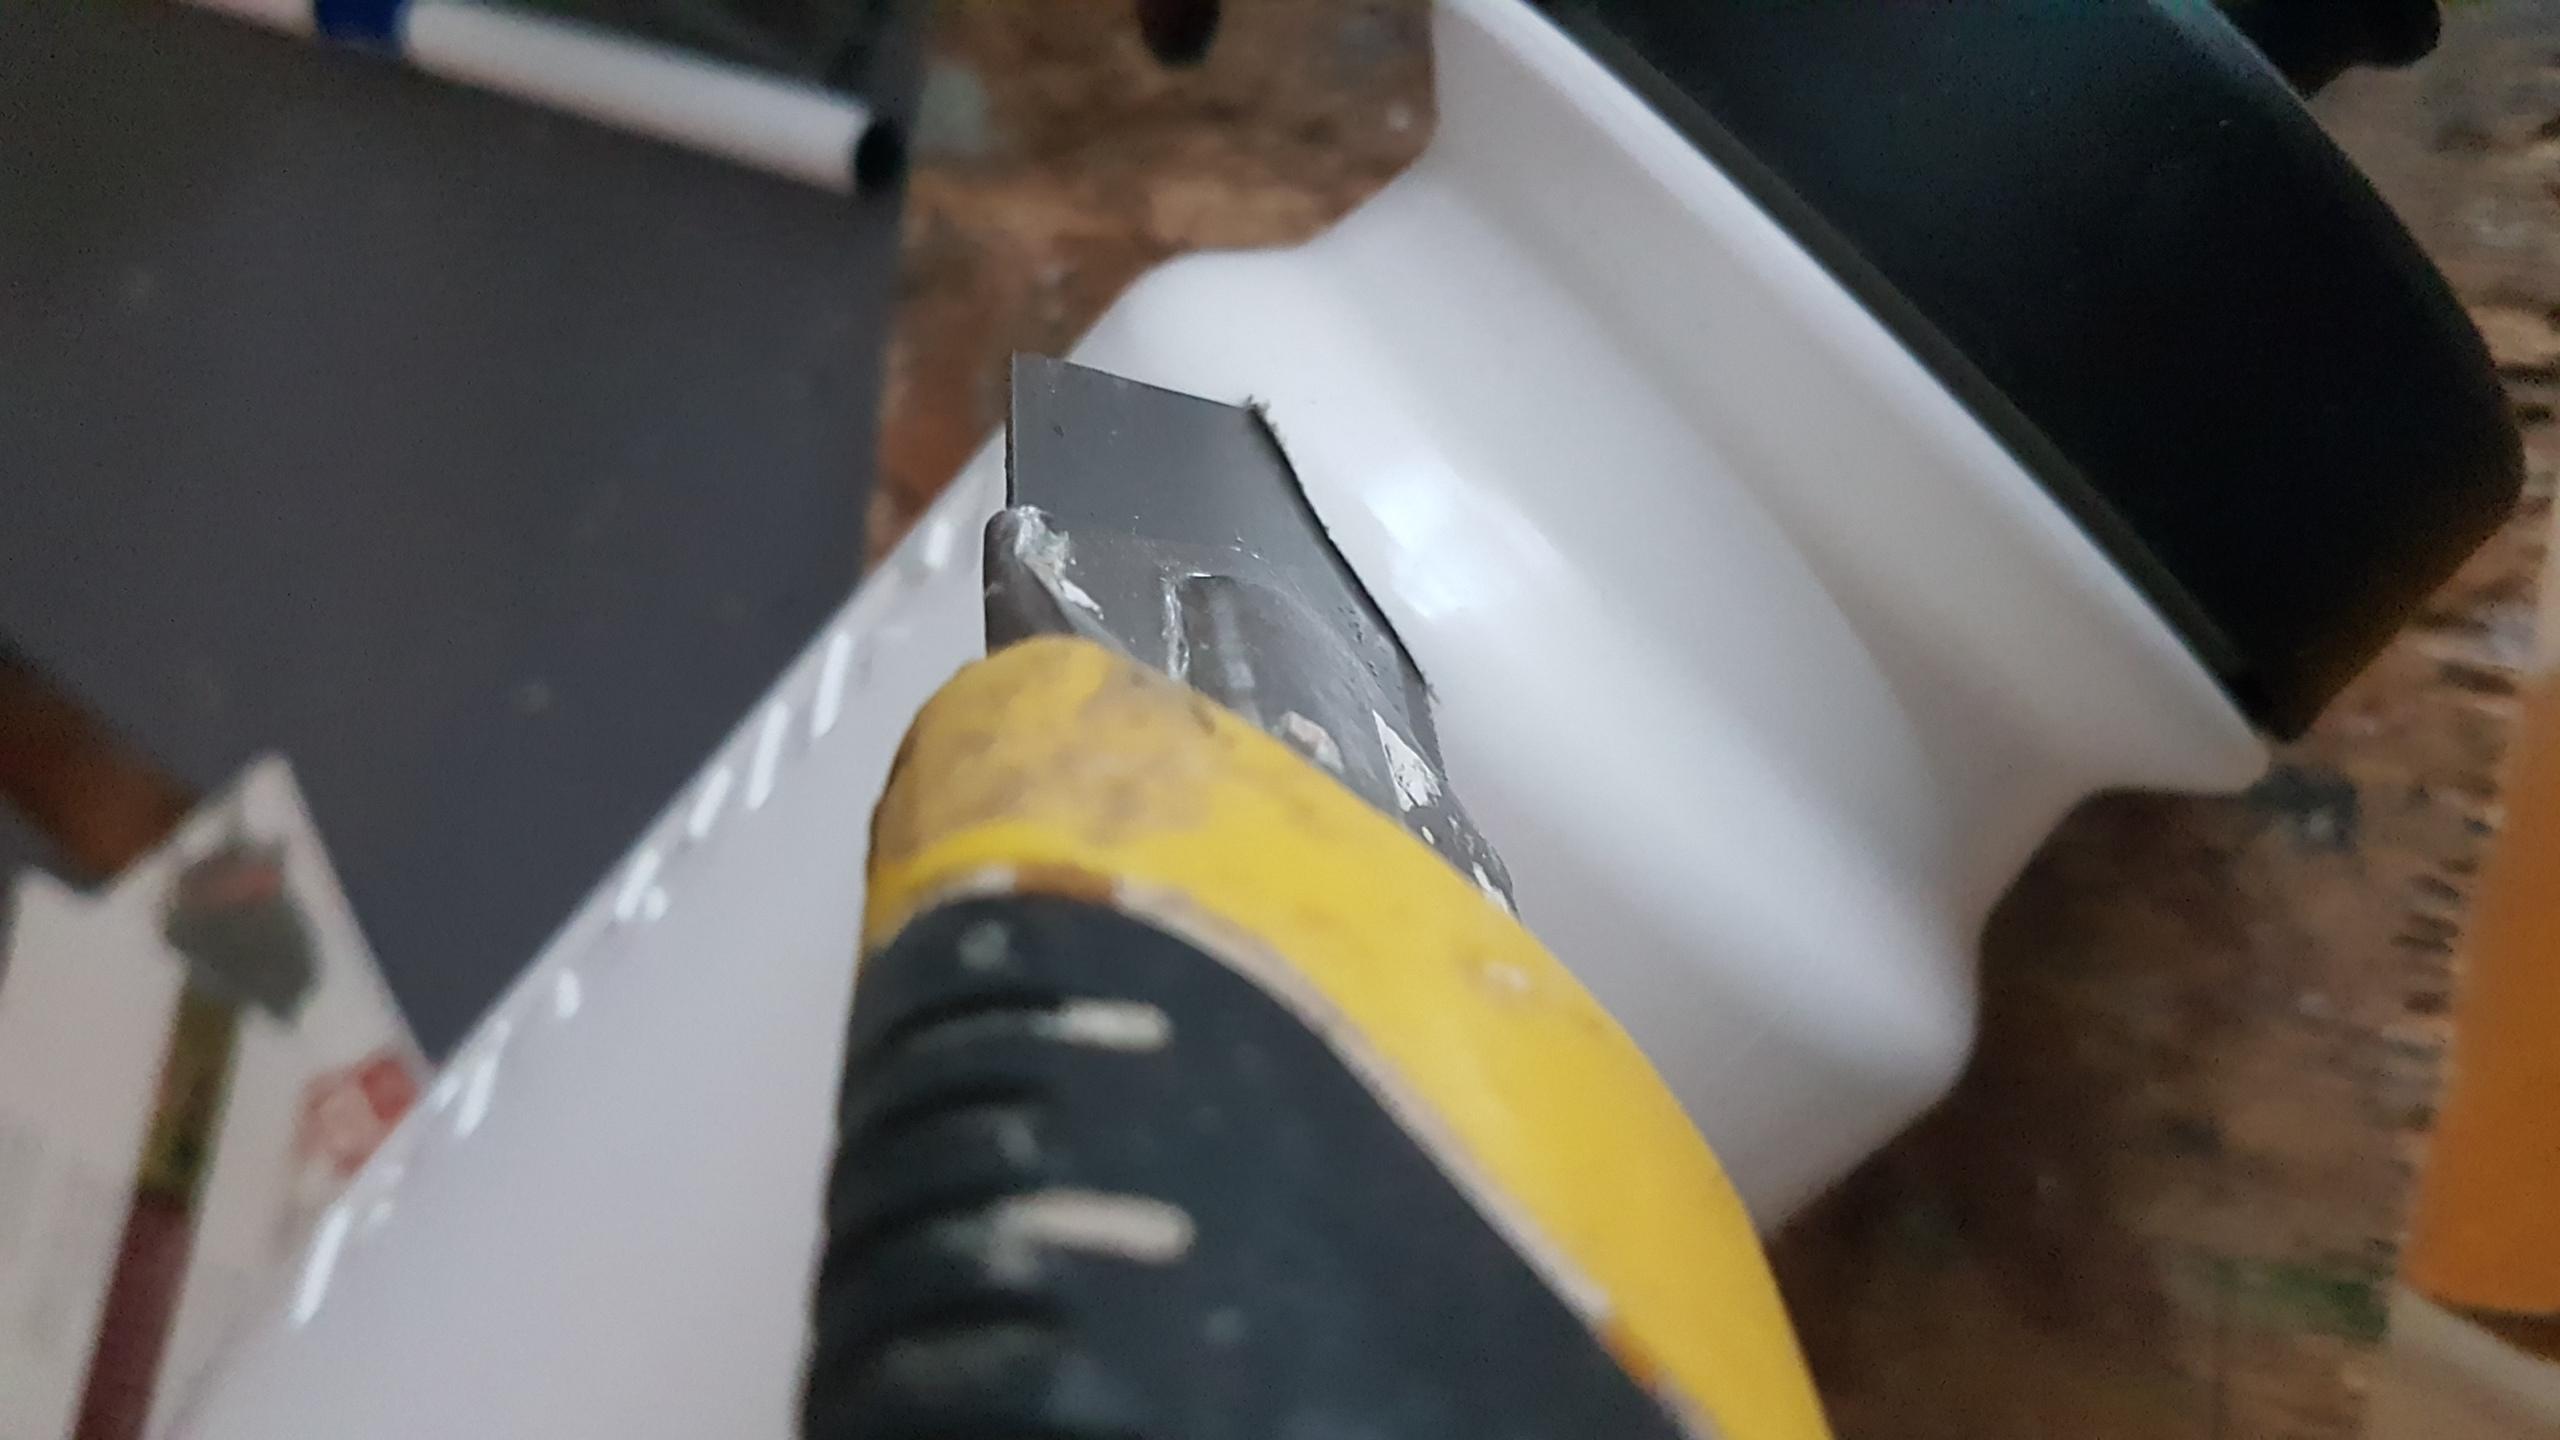 Cutter pour couper le gobelet